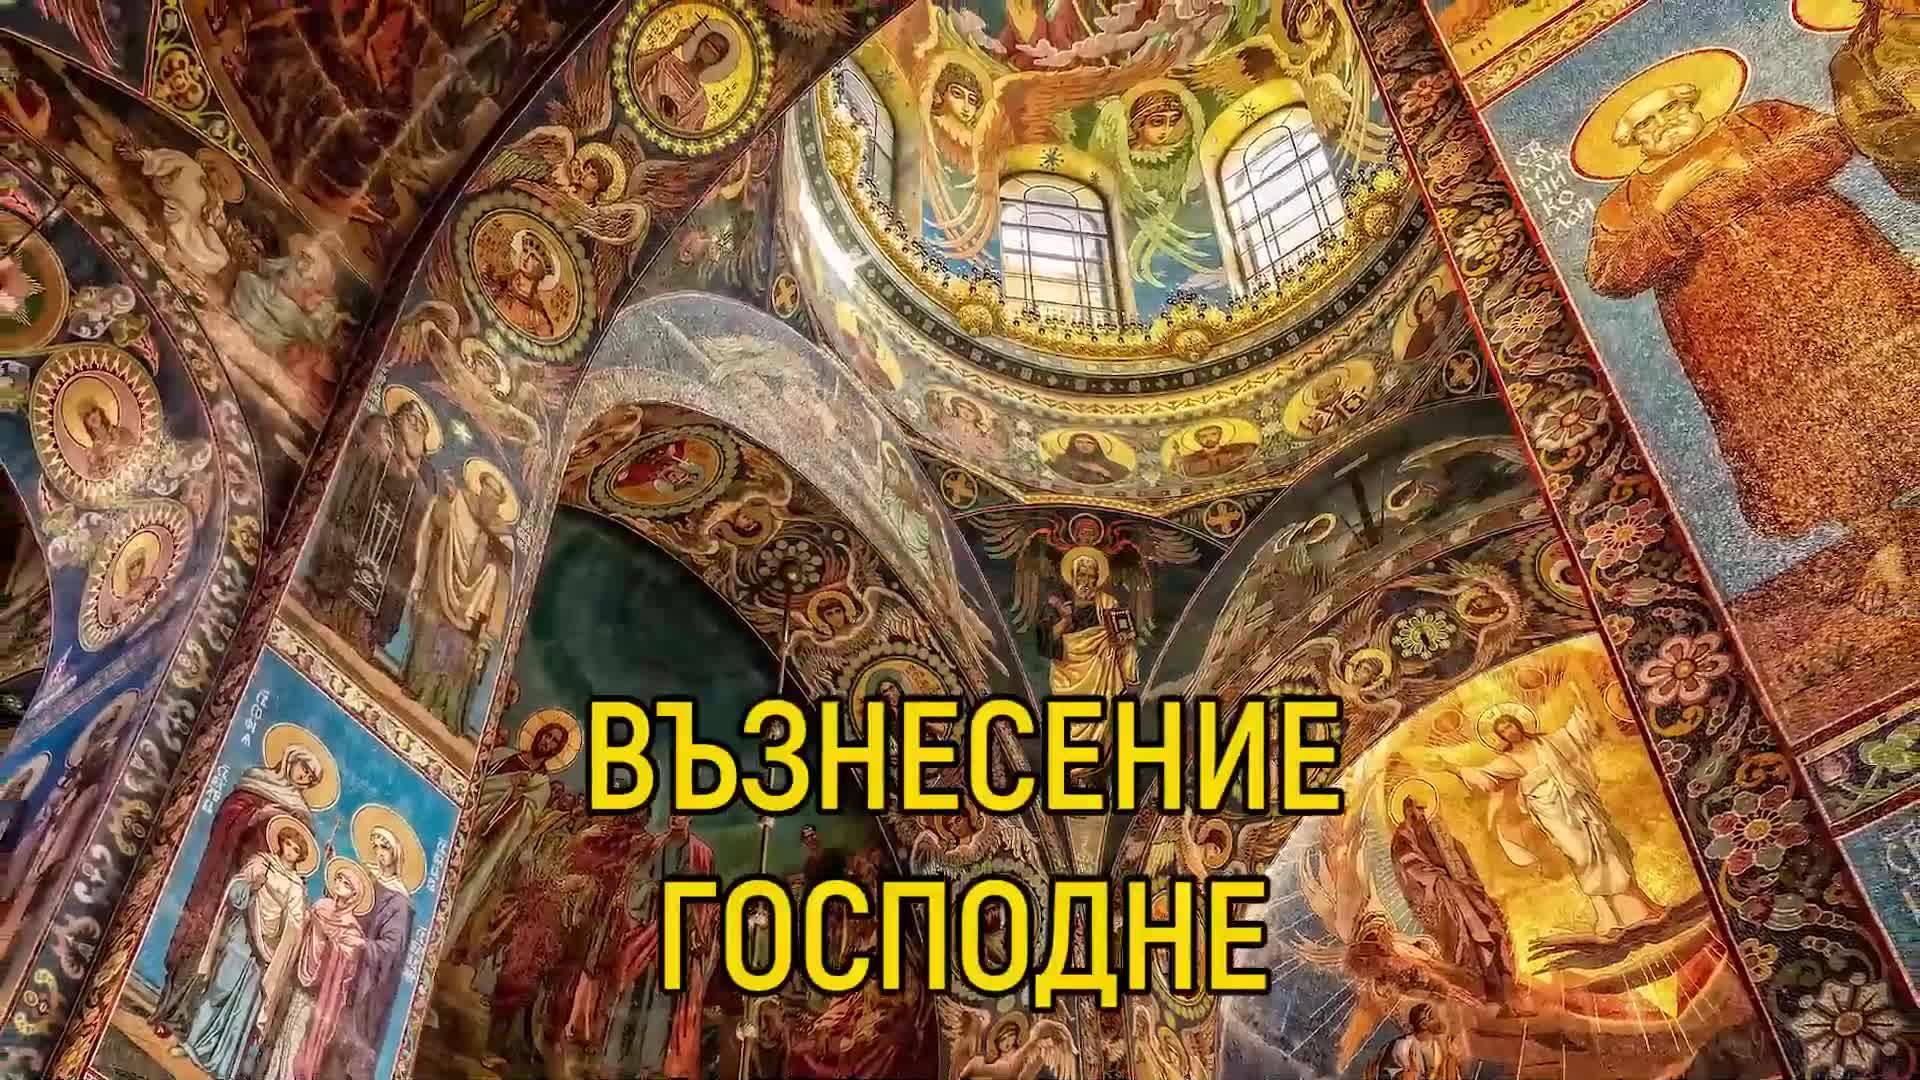 Възнесение Господне (Спасовден)